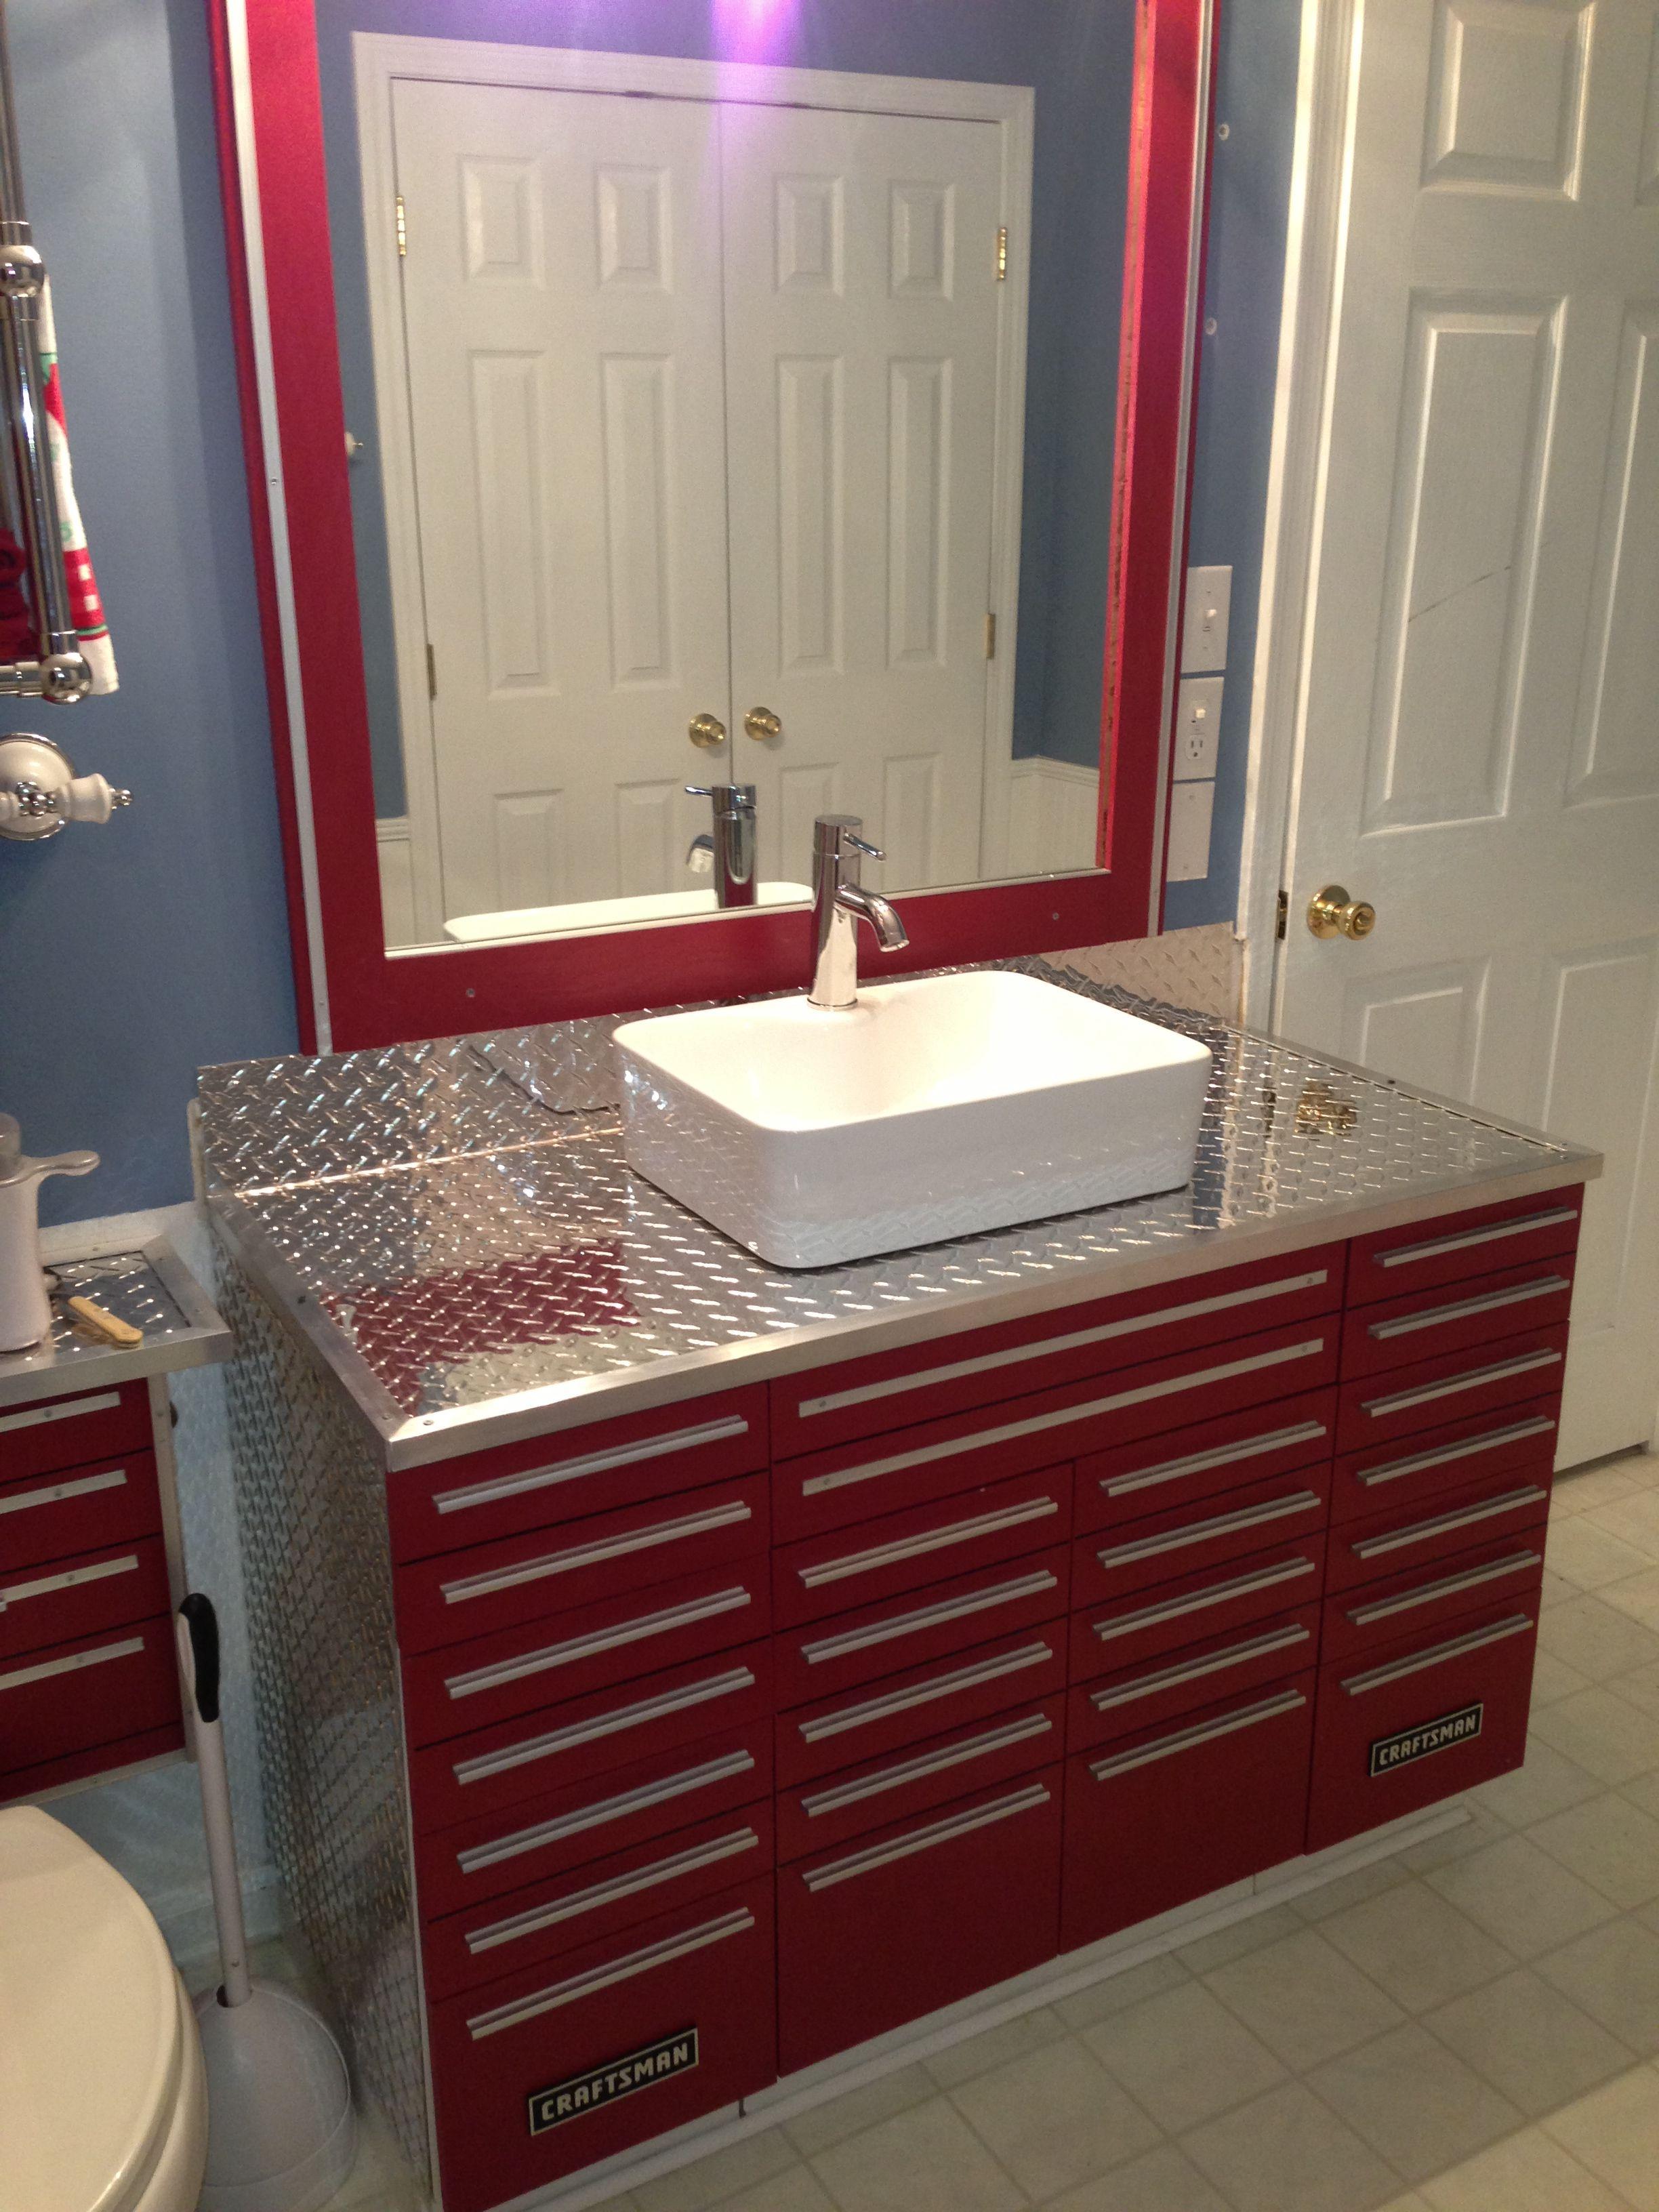 Craftsman Tool Box Vanity With Vessel Sink Unique Vanities Pinterest Vessel Sink